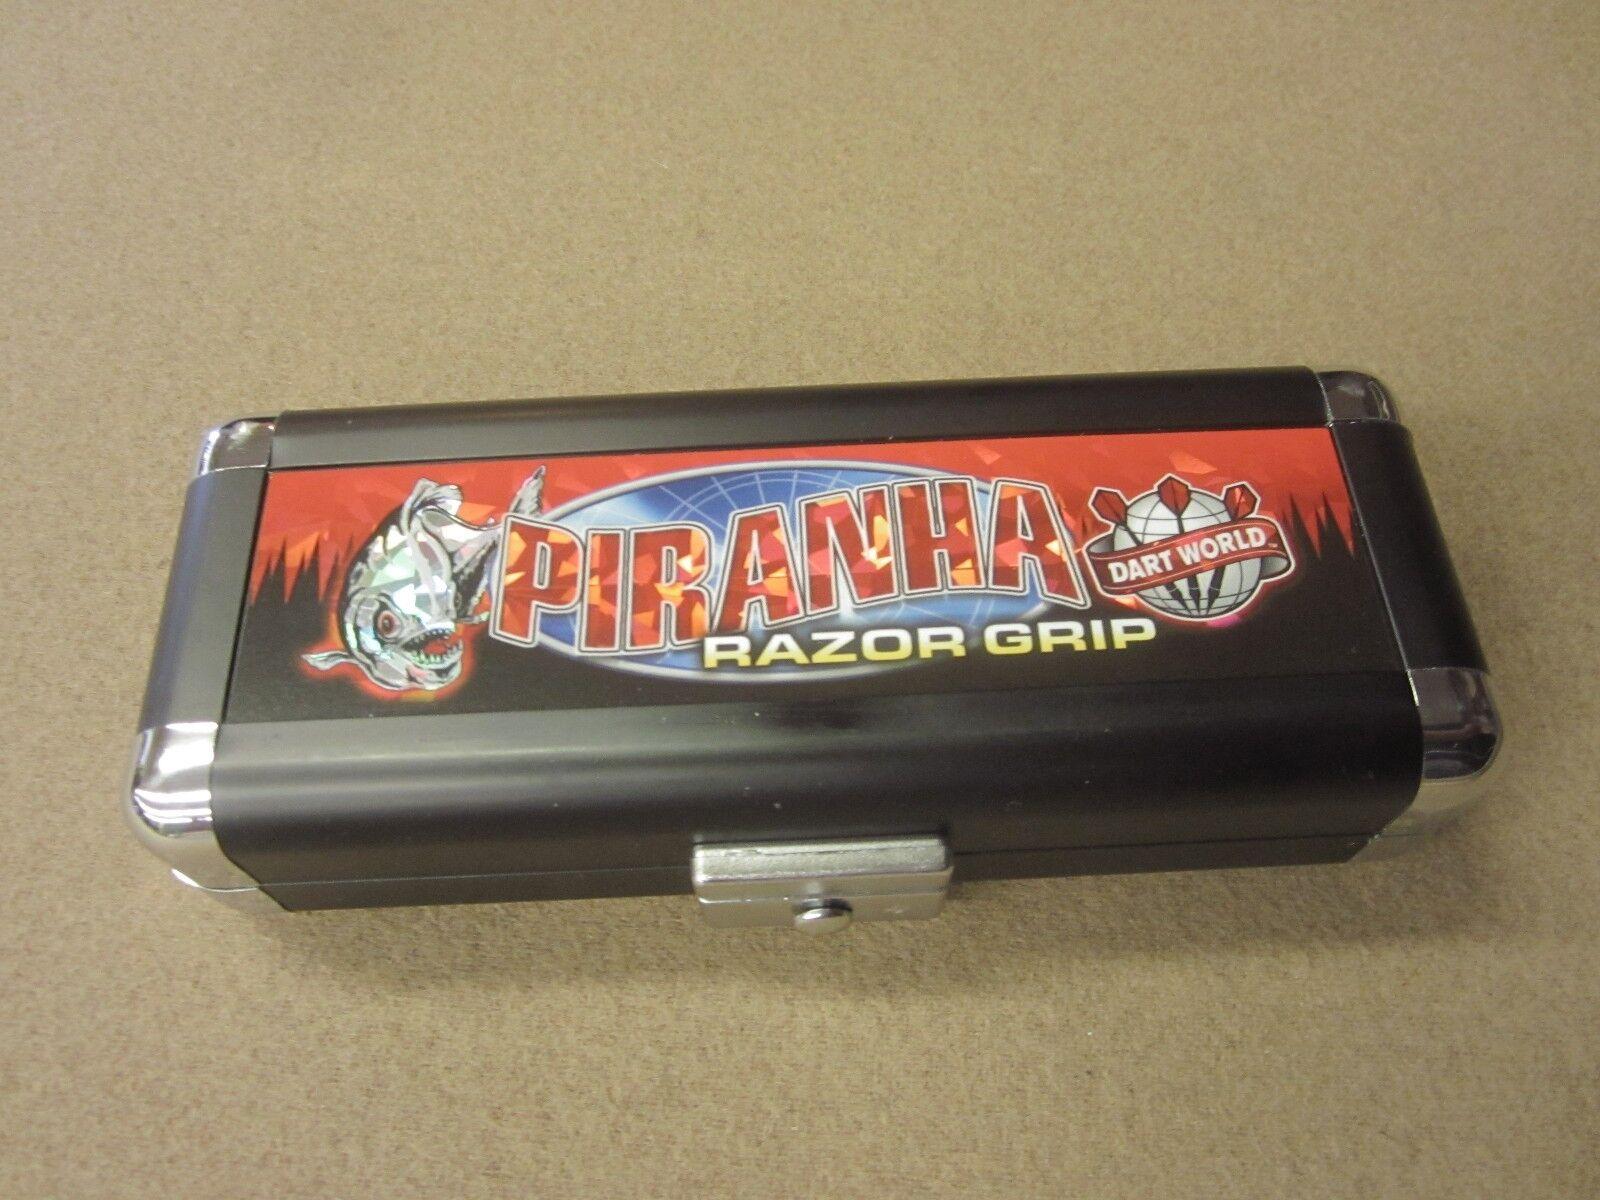 Piranha Razor Grip 24g Steel Tip Darts 90% Tungsten 19515 w/ w/ 19515 FREE Shipping c83c96